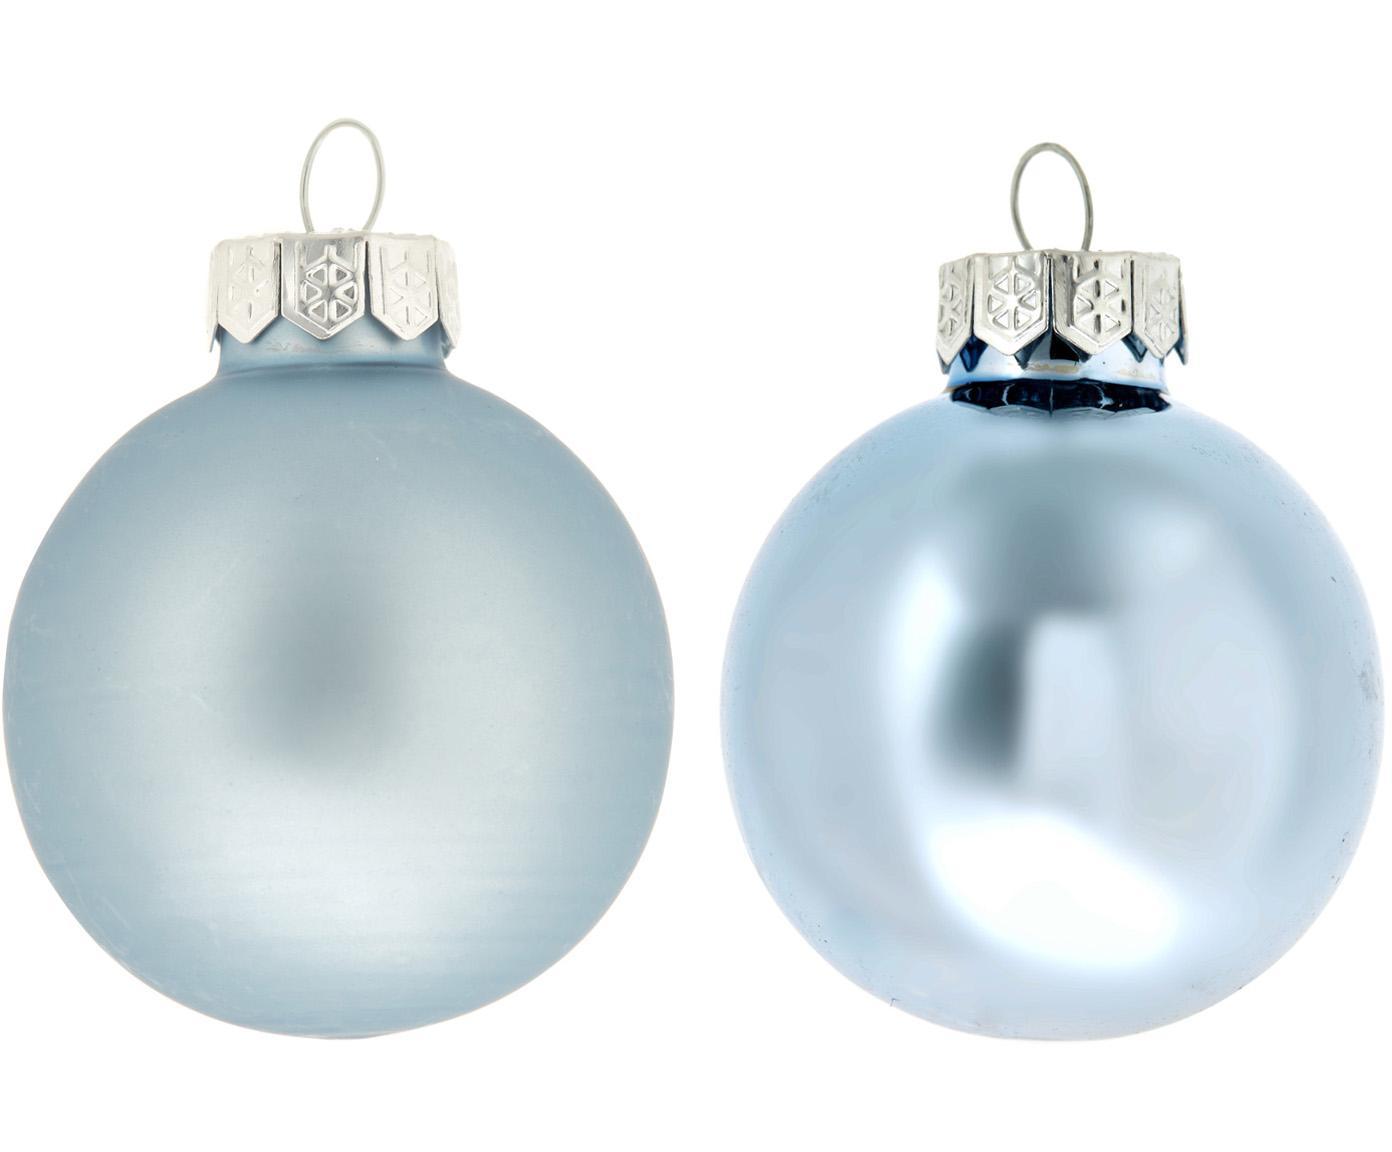 Weihnachtskugel-Set EvergreenØ6cm, 10-tlg., Eisblau, Ø 6 cm